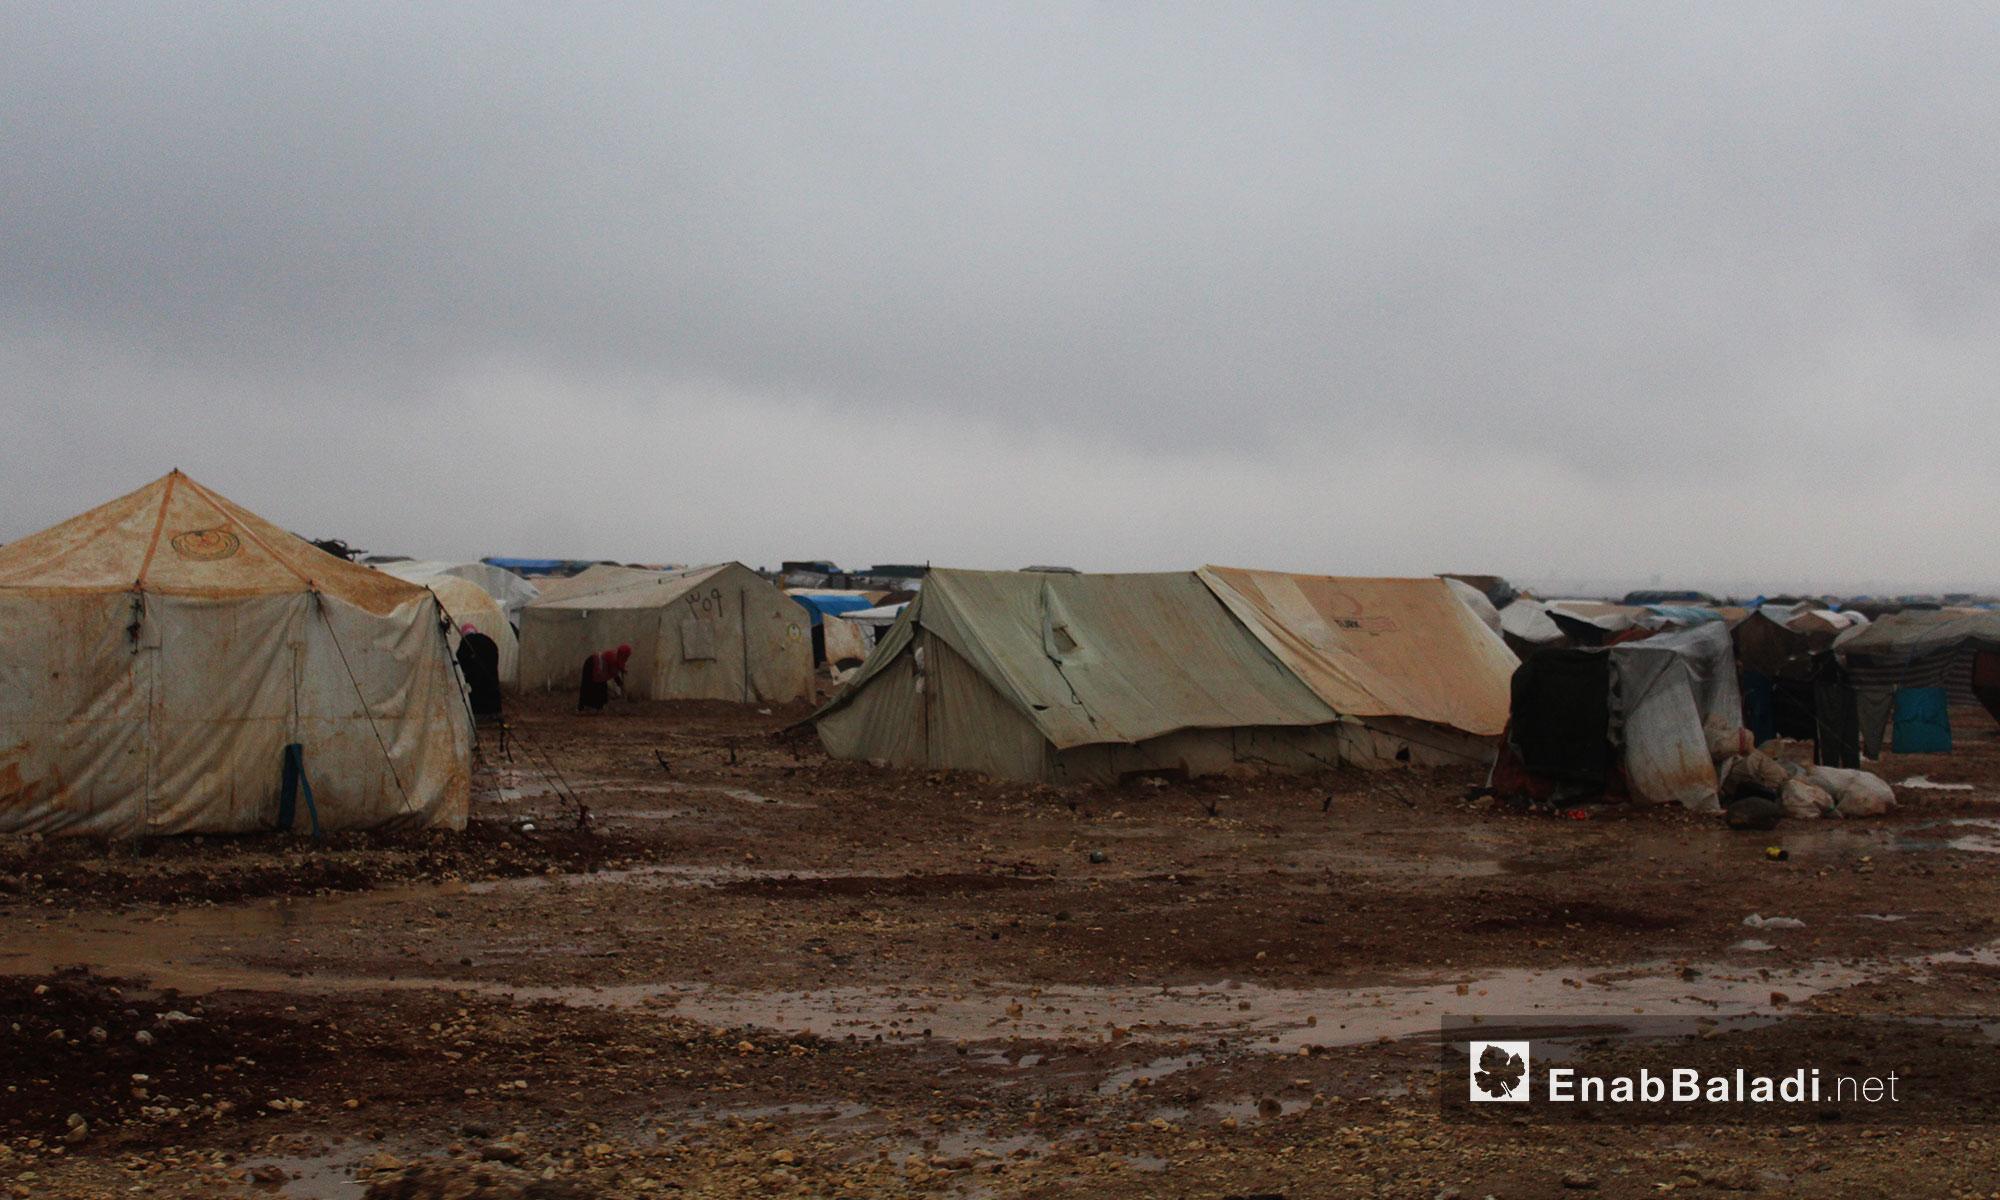 مخيم حدودي في ريف حلب الشمالي - 1 كانون الأول 2016 (عنب بلدي)